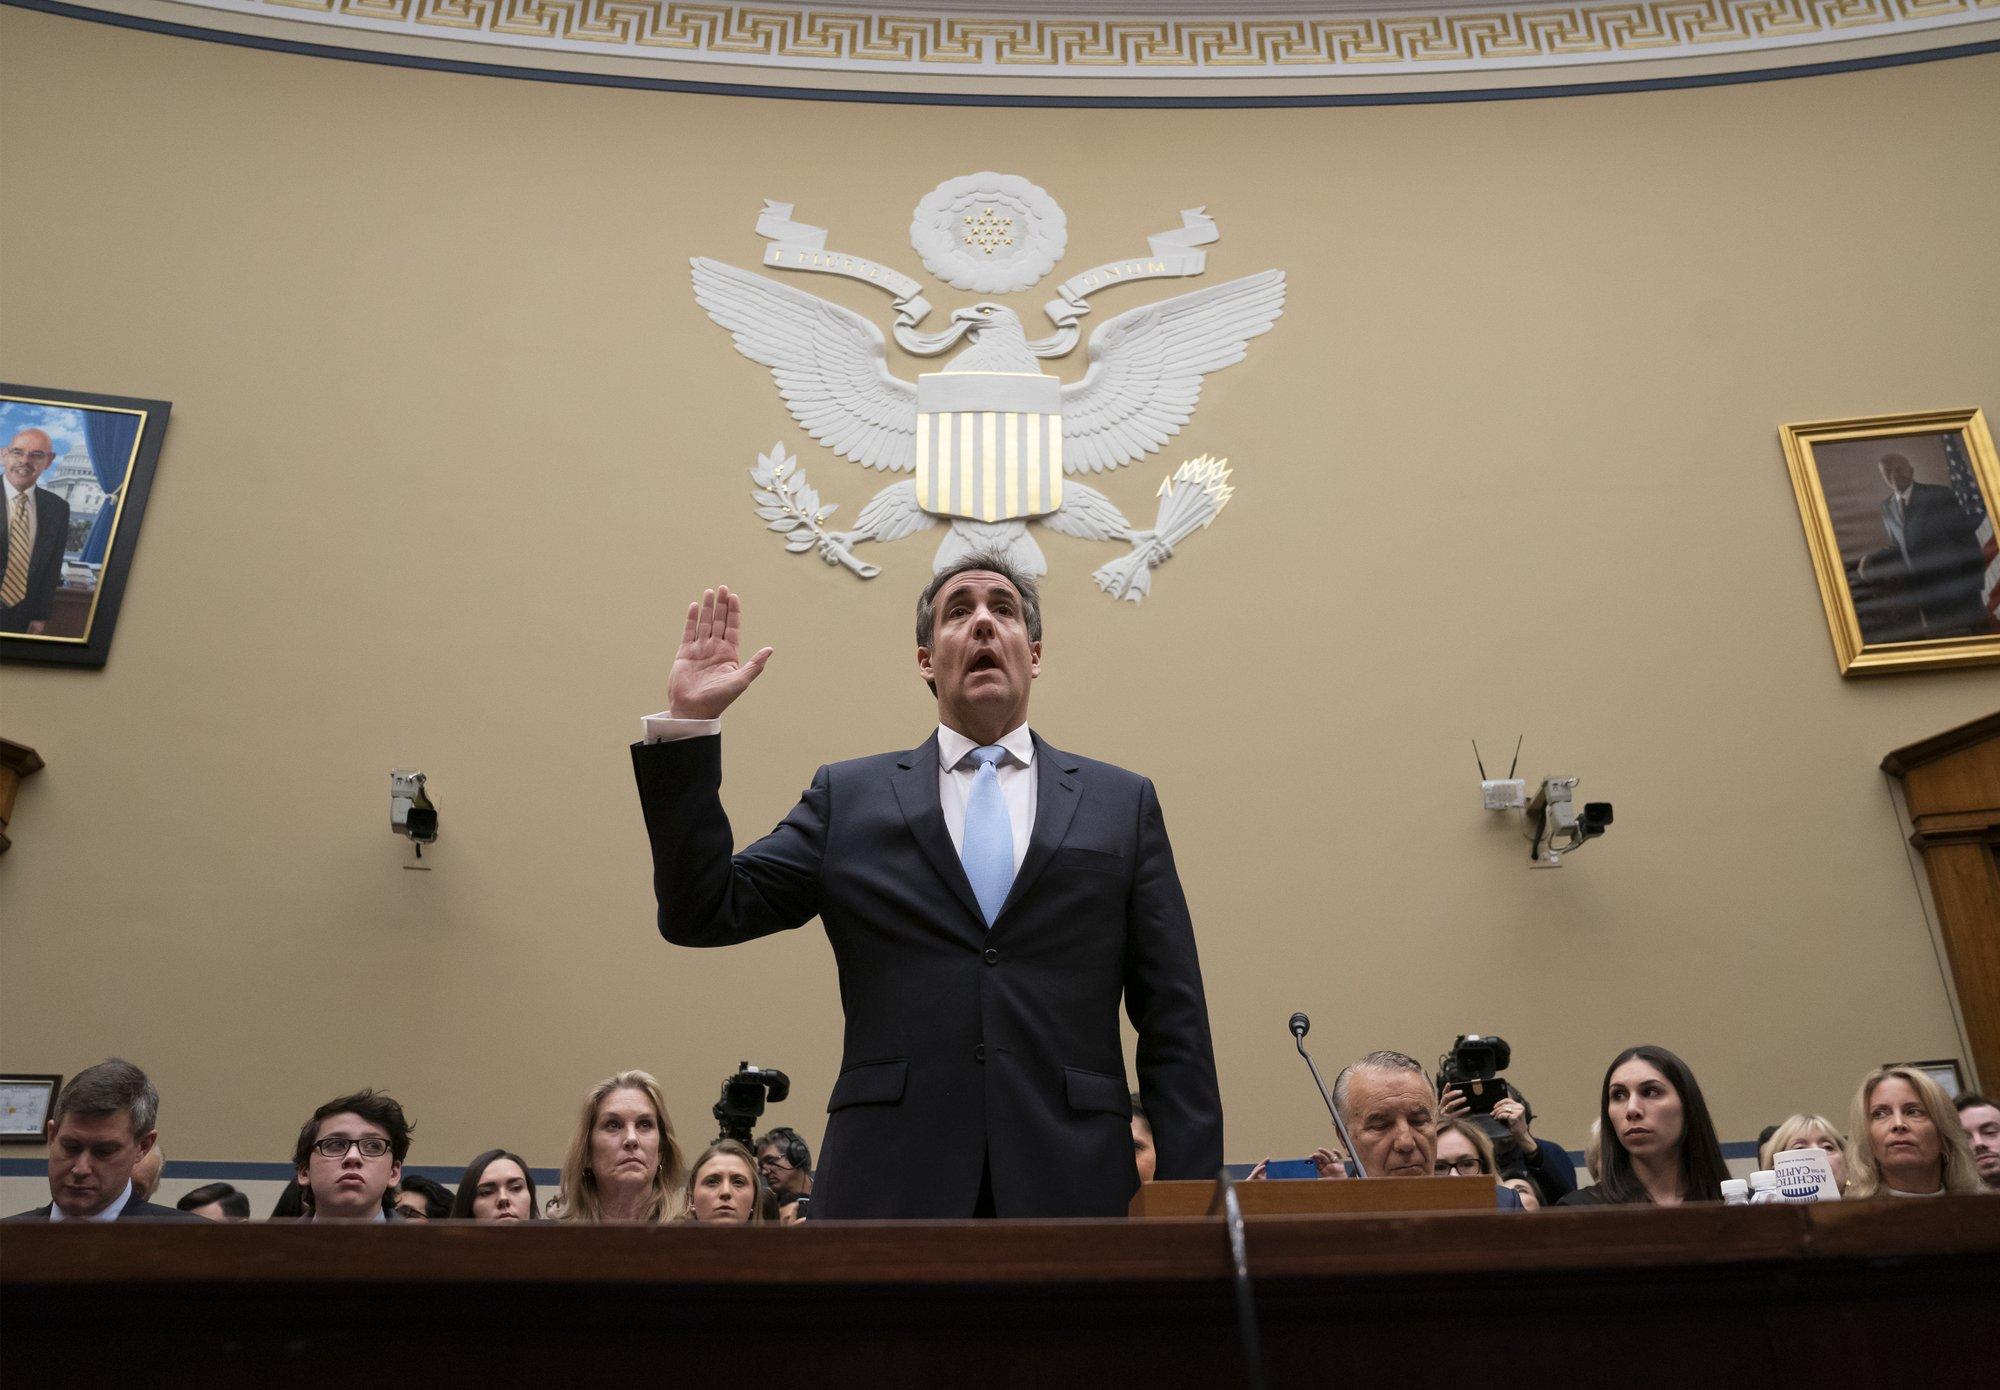 'Racist,' 'con man': Cohen assails Trump before Congress